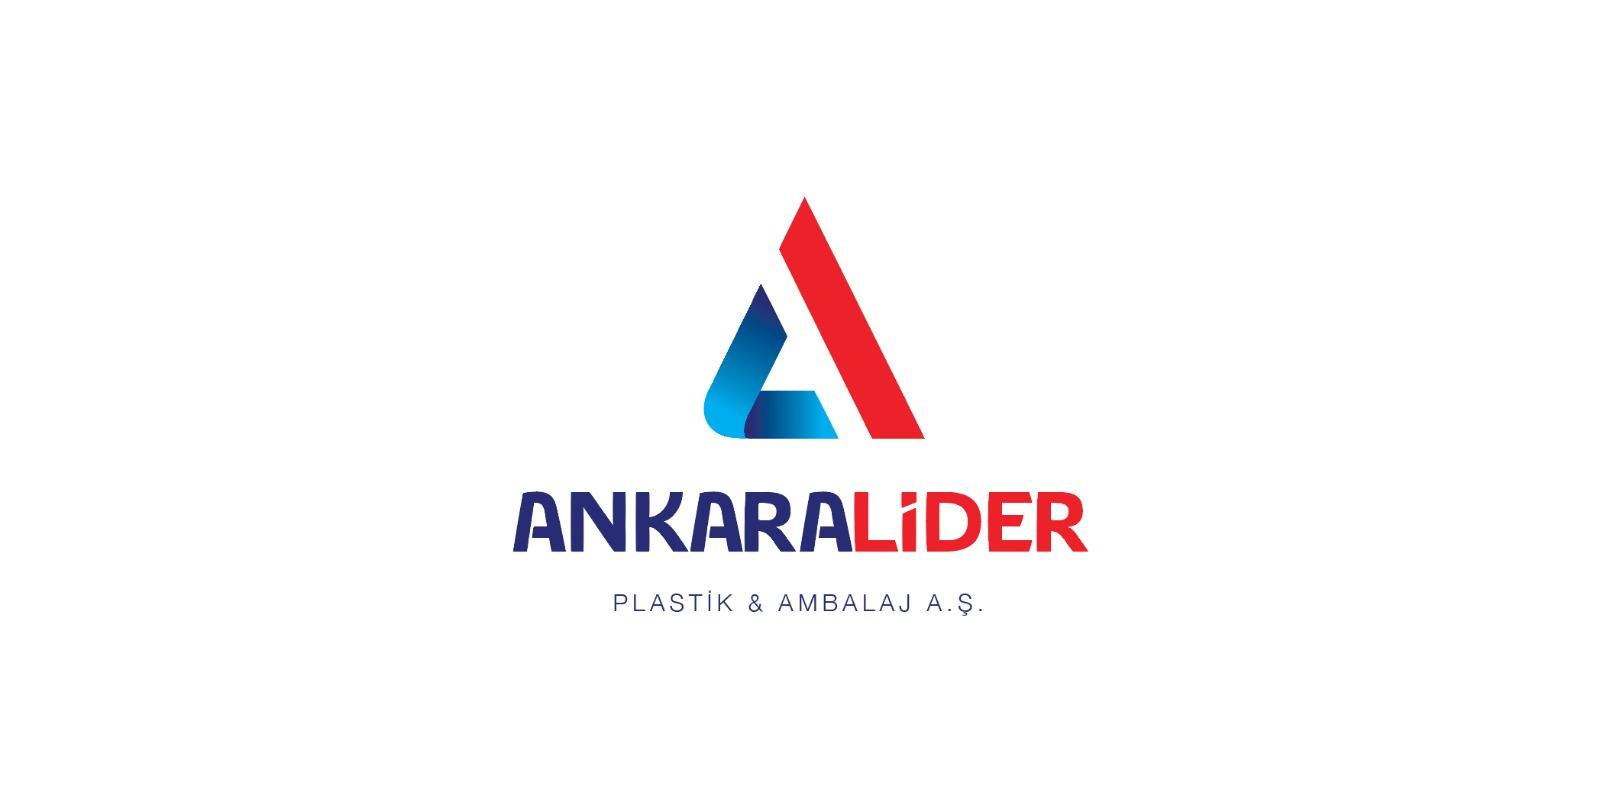 ANKARA LIDER PLASTIK VE AMBALAJ A.S.